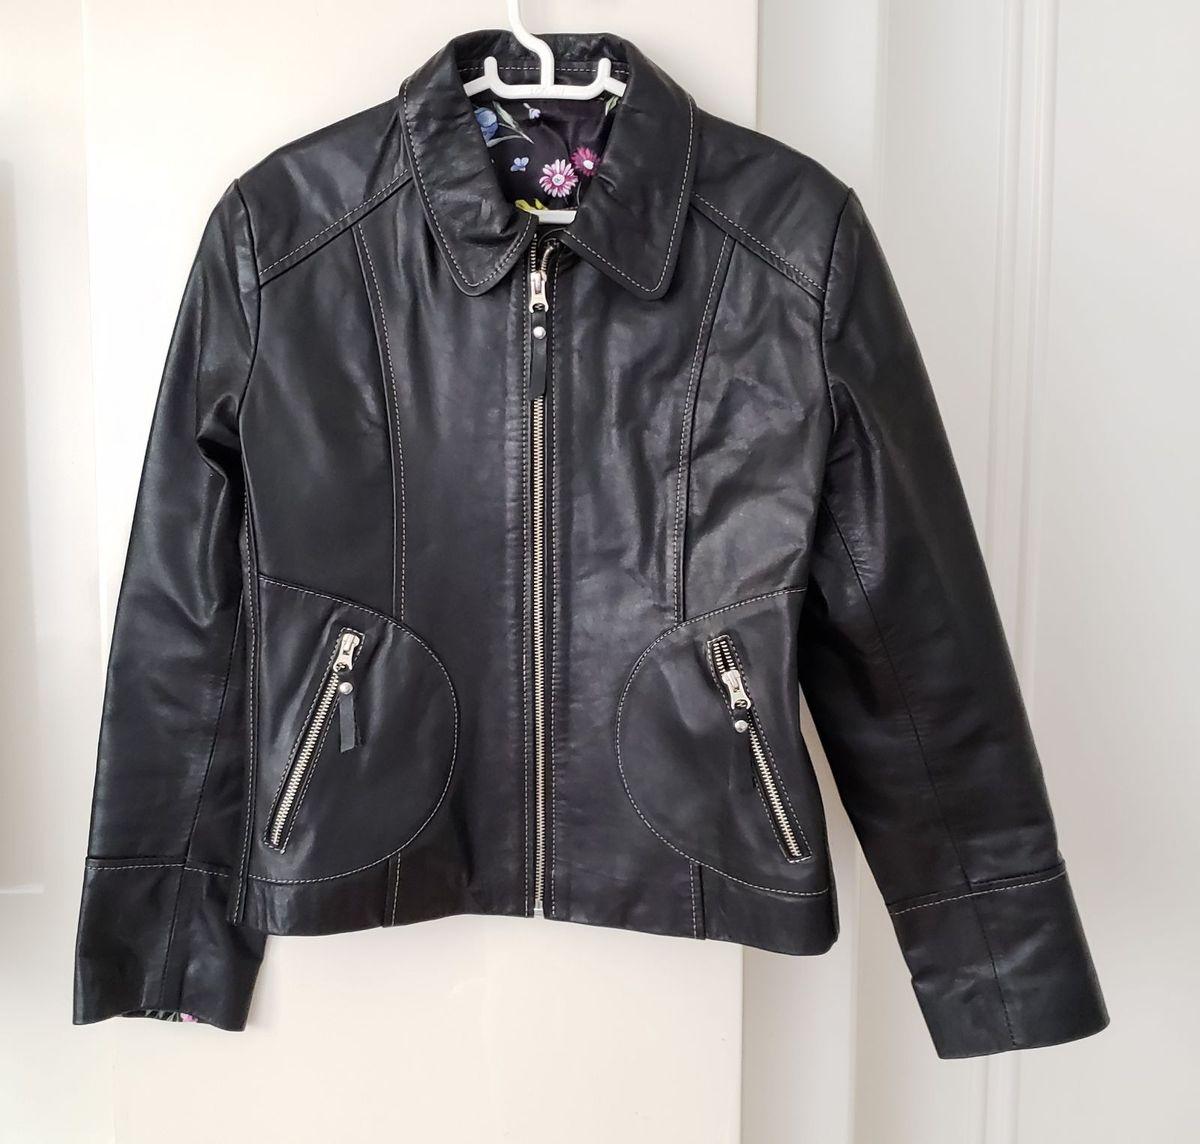 2d5034676 jaqueta couro legítimo argentina preta tamanho g pouco usada veste 40/42 -  casaquinhos rs